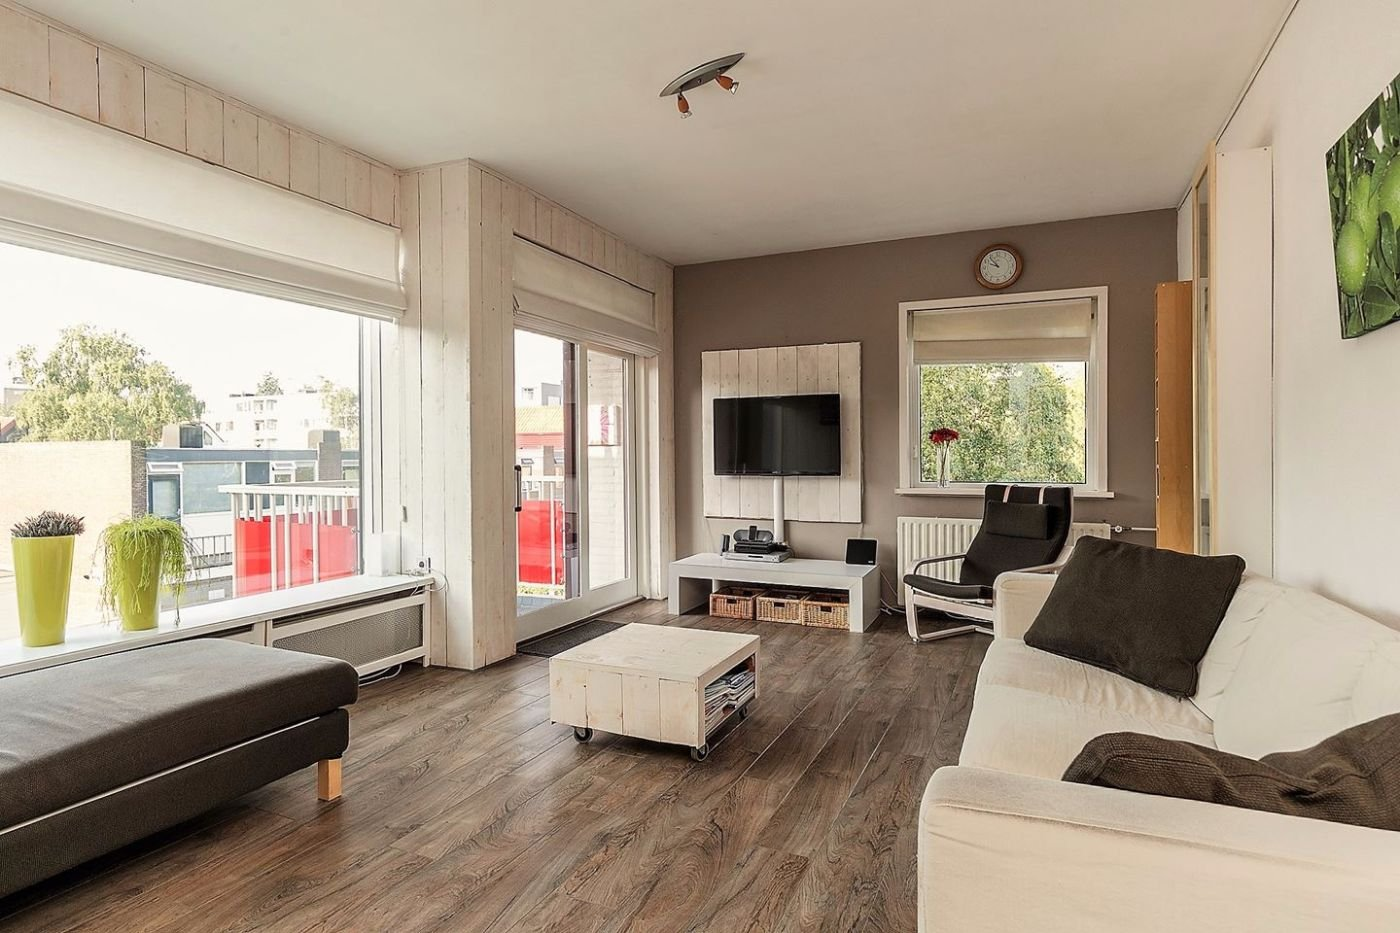 Appartement open voor bod ruychaverstraat vlaardingen zb